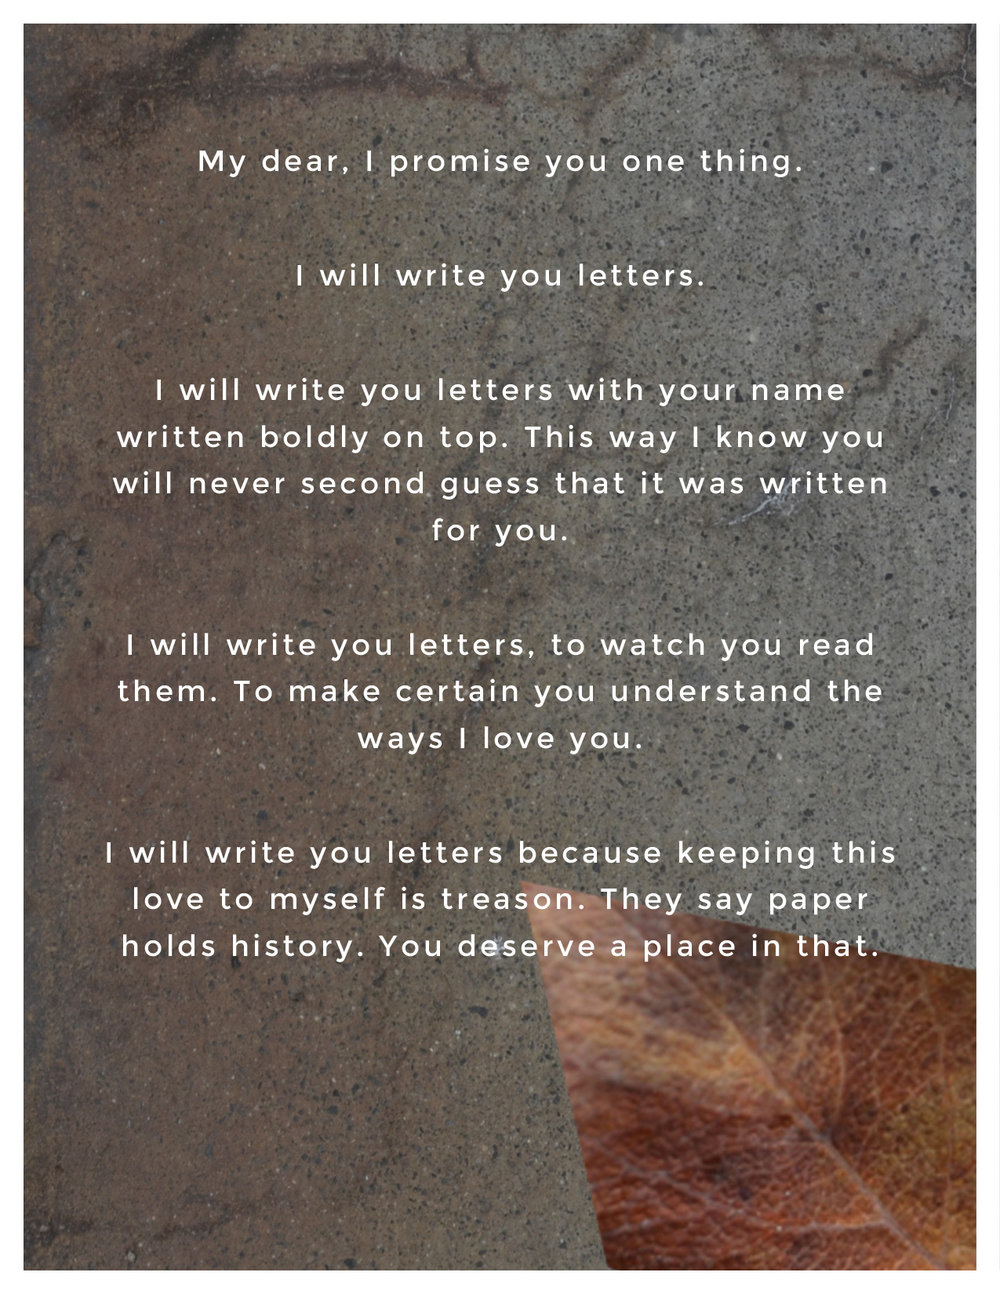 letters 4.jpg